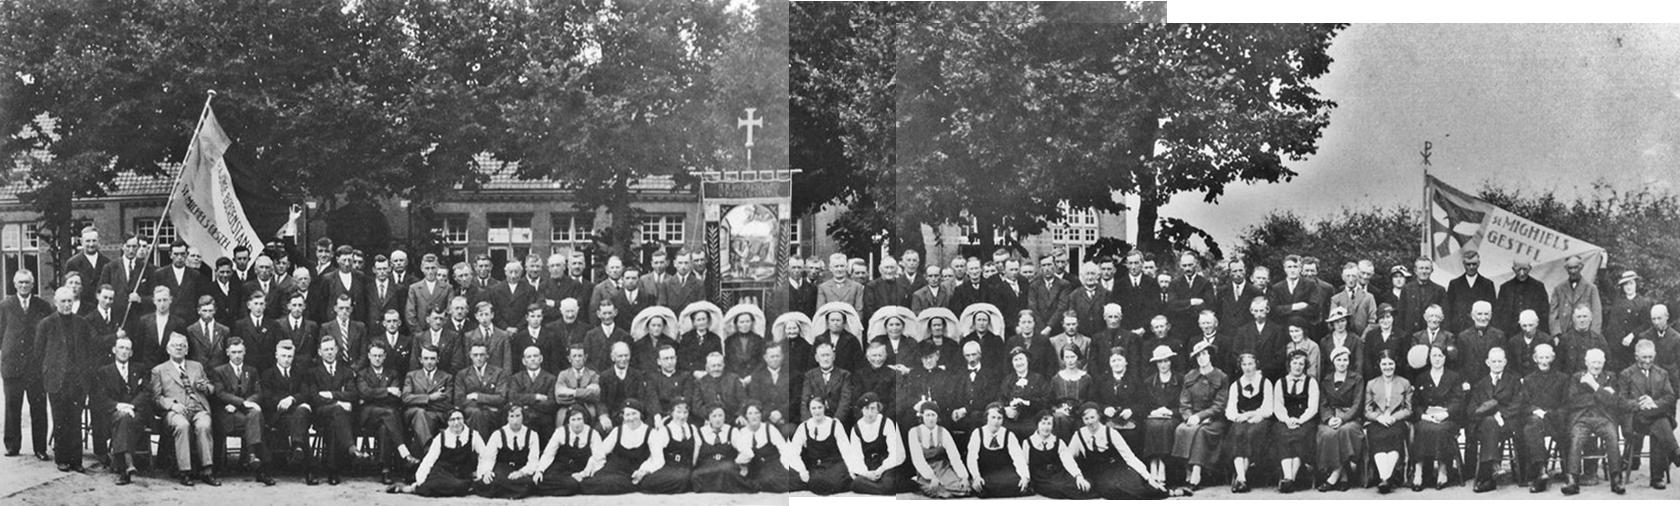 1937/38 40-jarig bestaan van de N.C.B. afdeling Sint-Michielsgestel